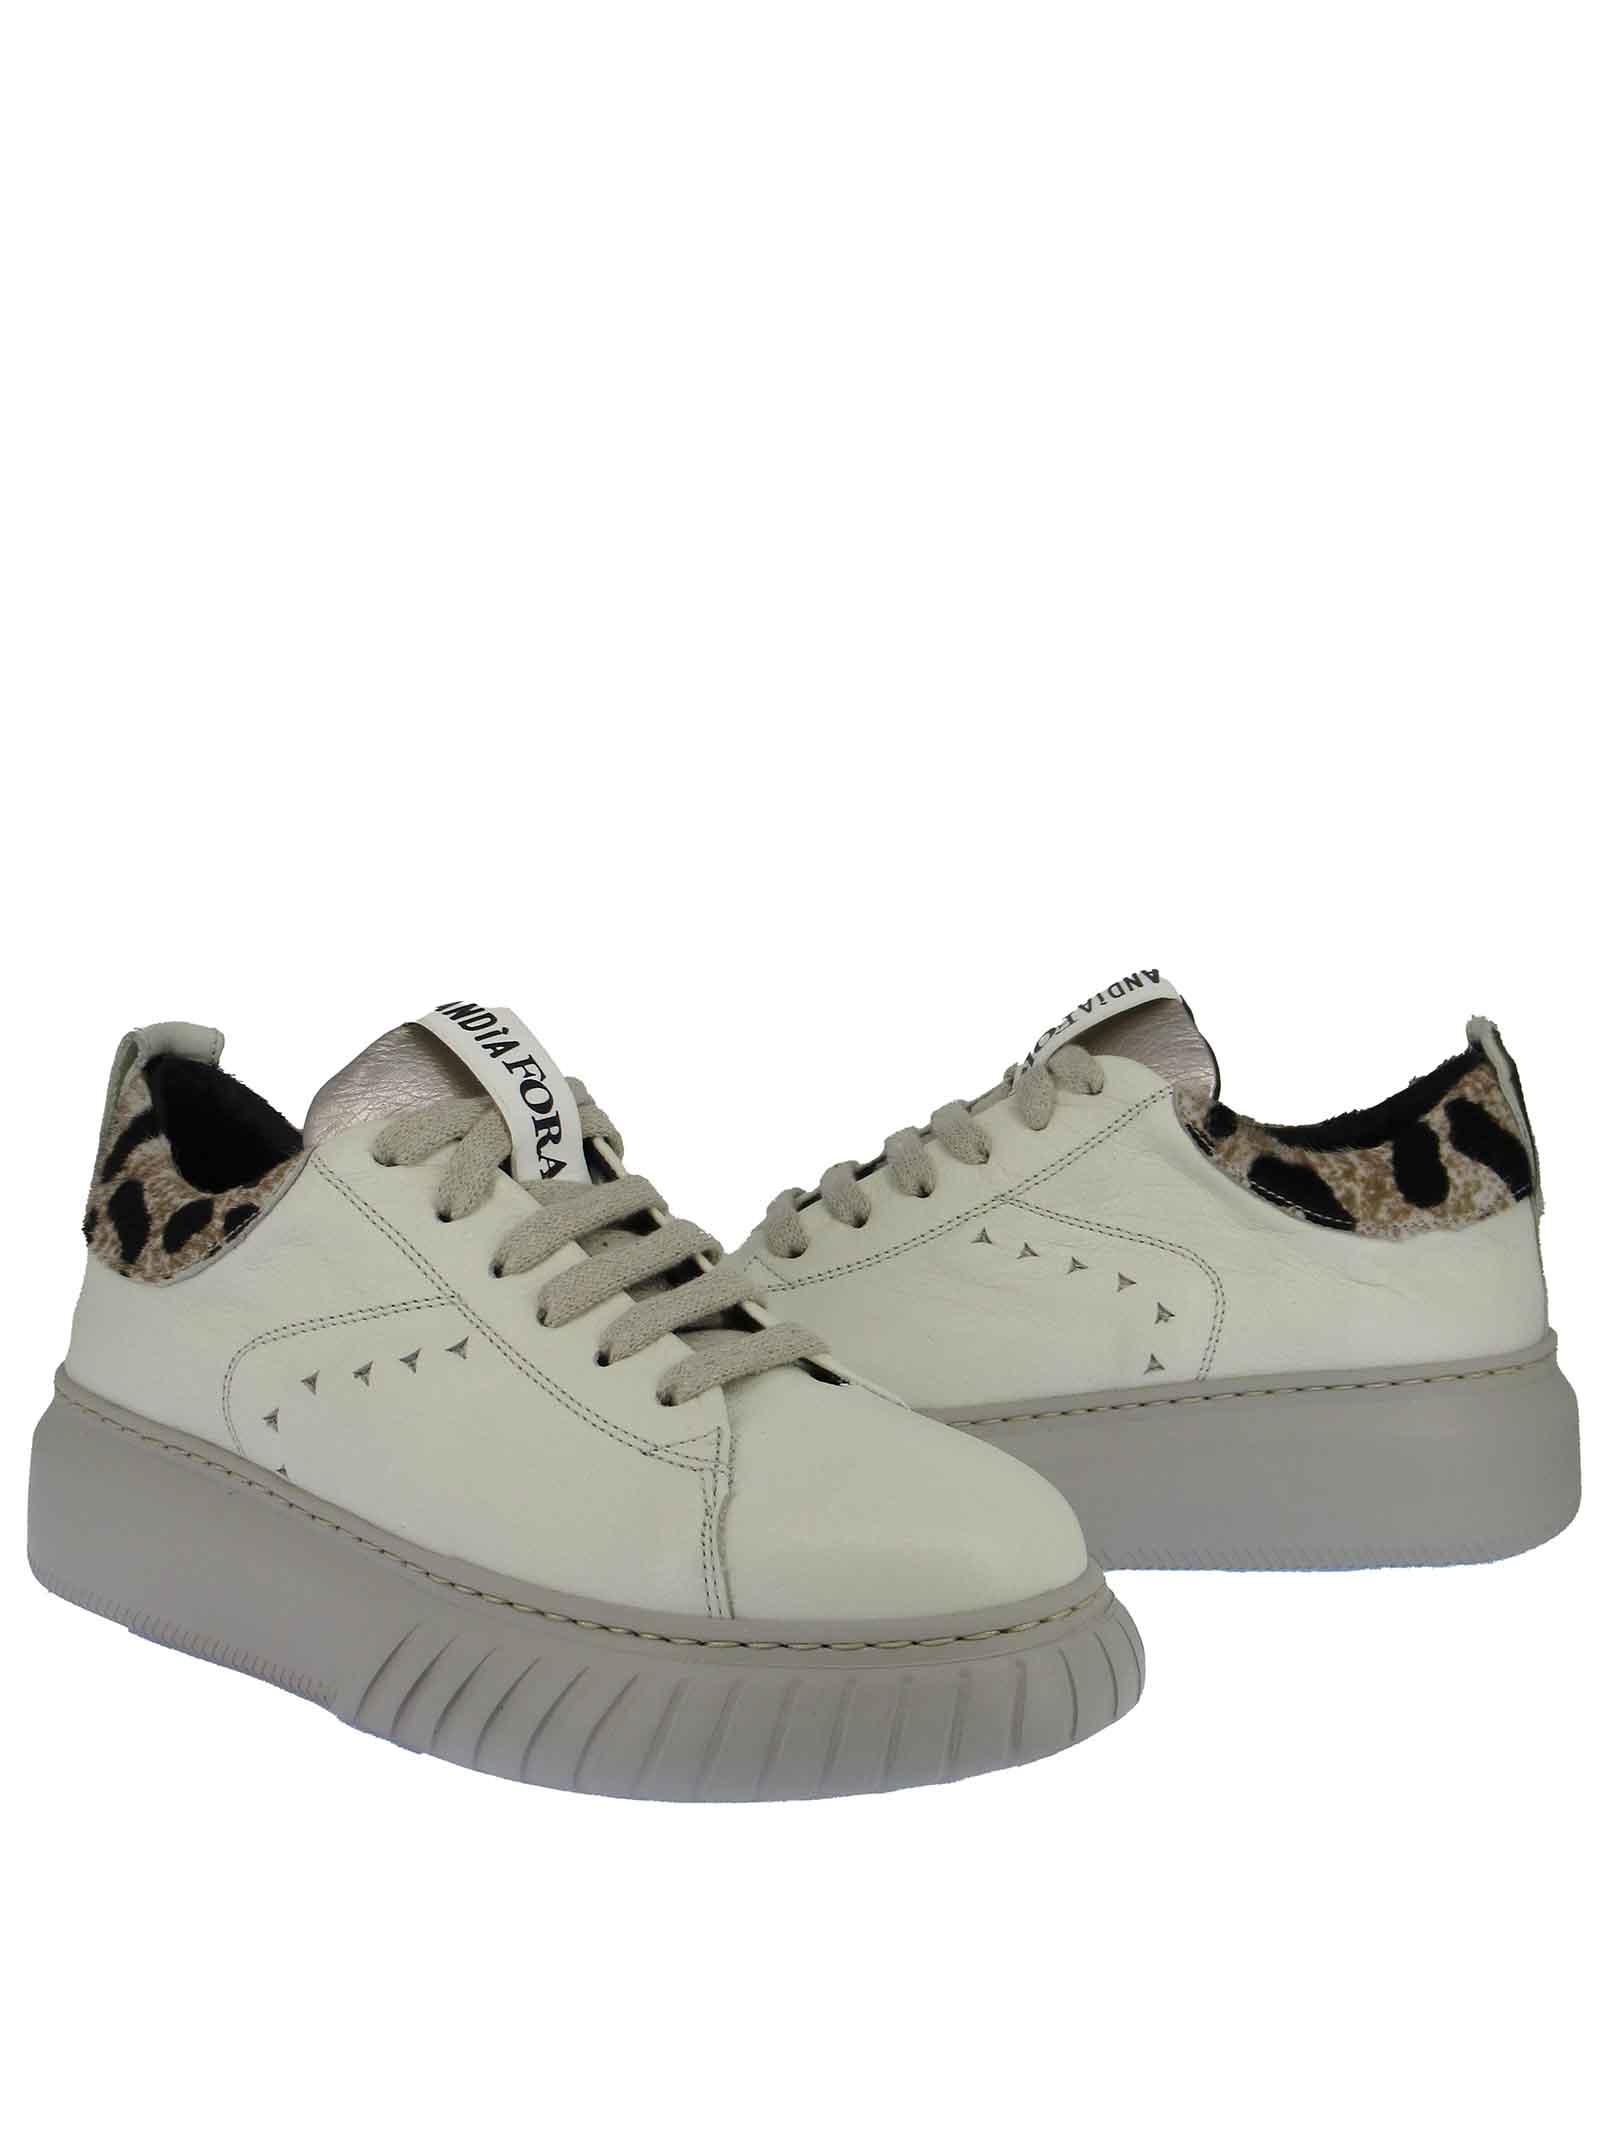 Calzature Donna Sneakers Stringate in Pelle Panna con Riporti Animalier e Fondo Zeppa Bianco Ghiaccio Andiafora | Sneakers | ZOE100